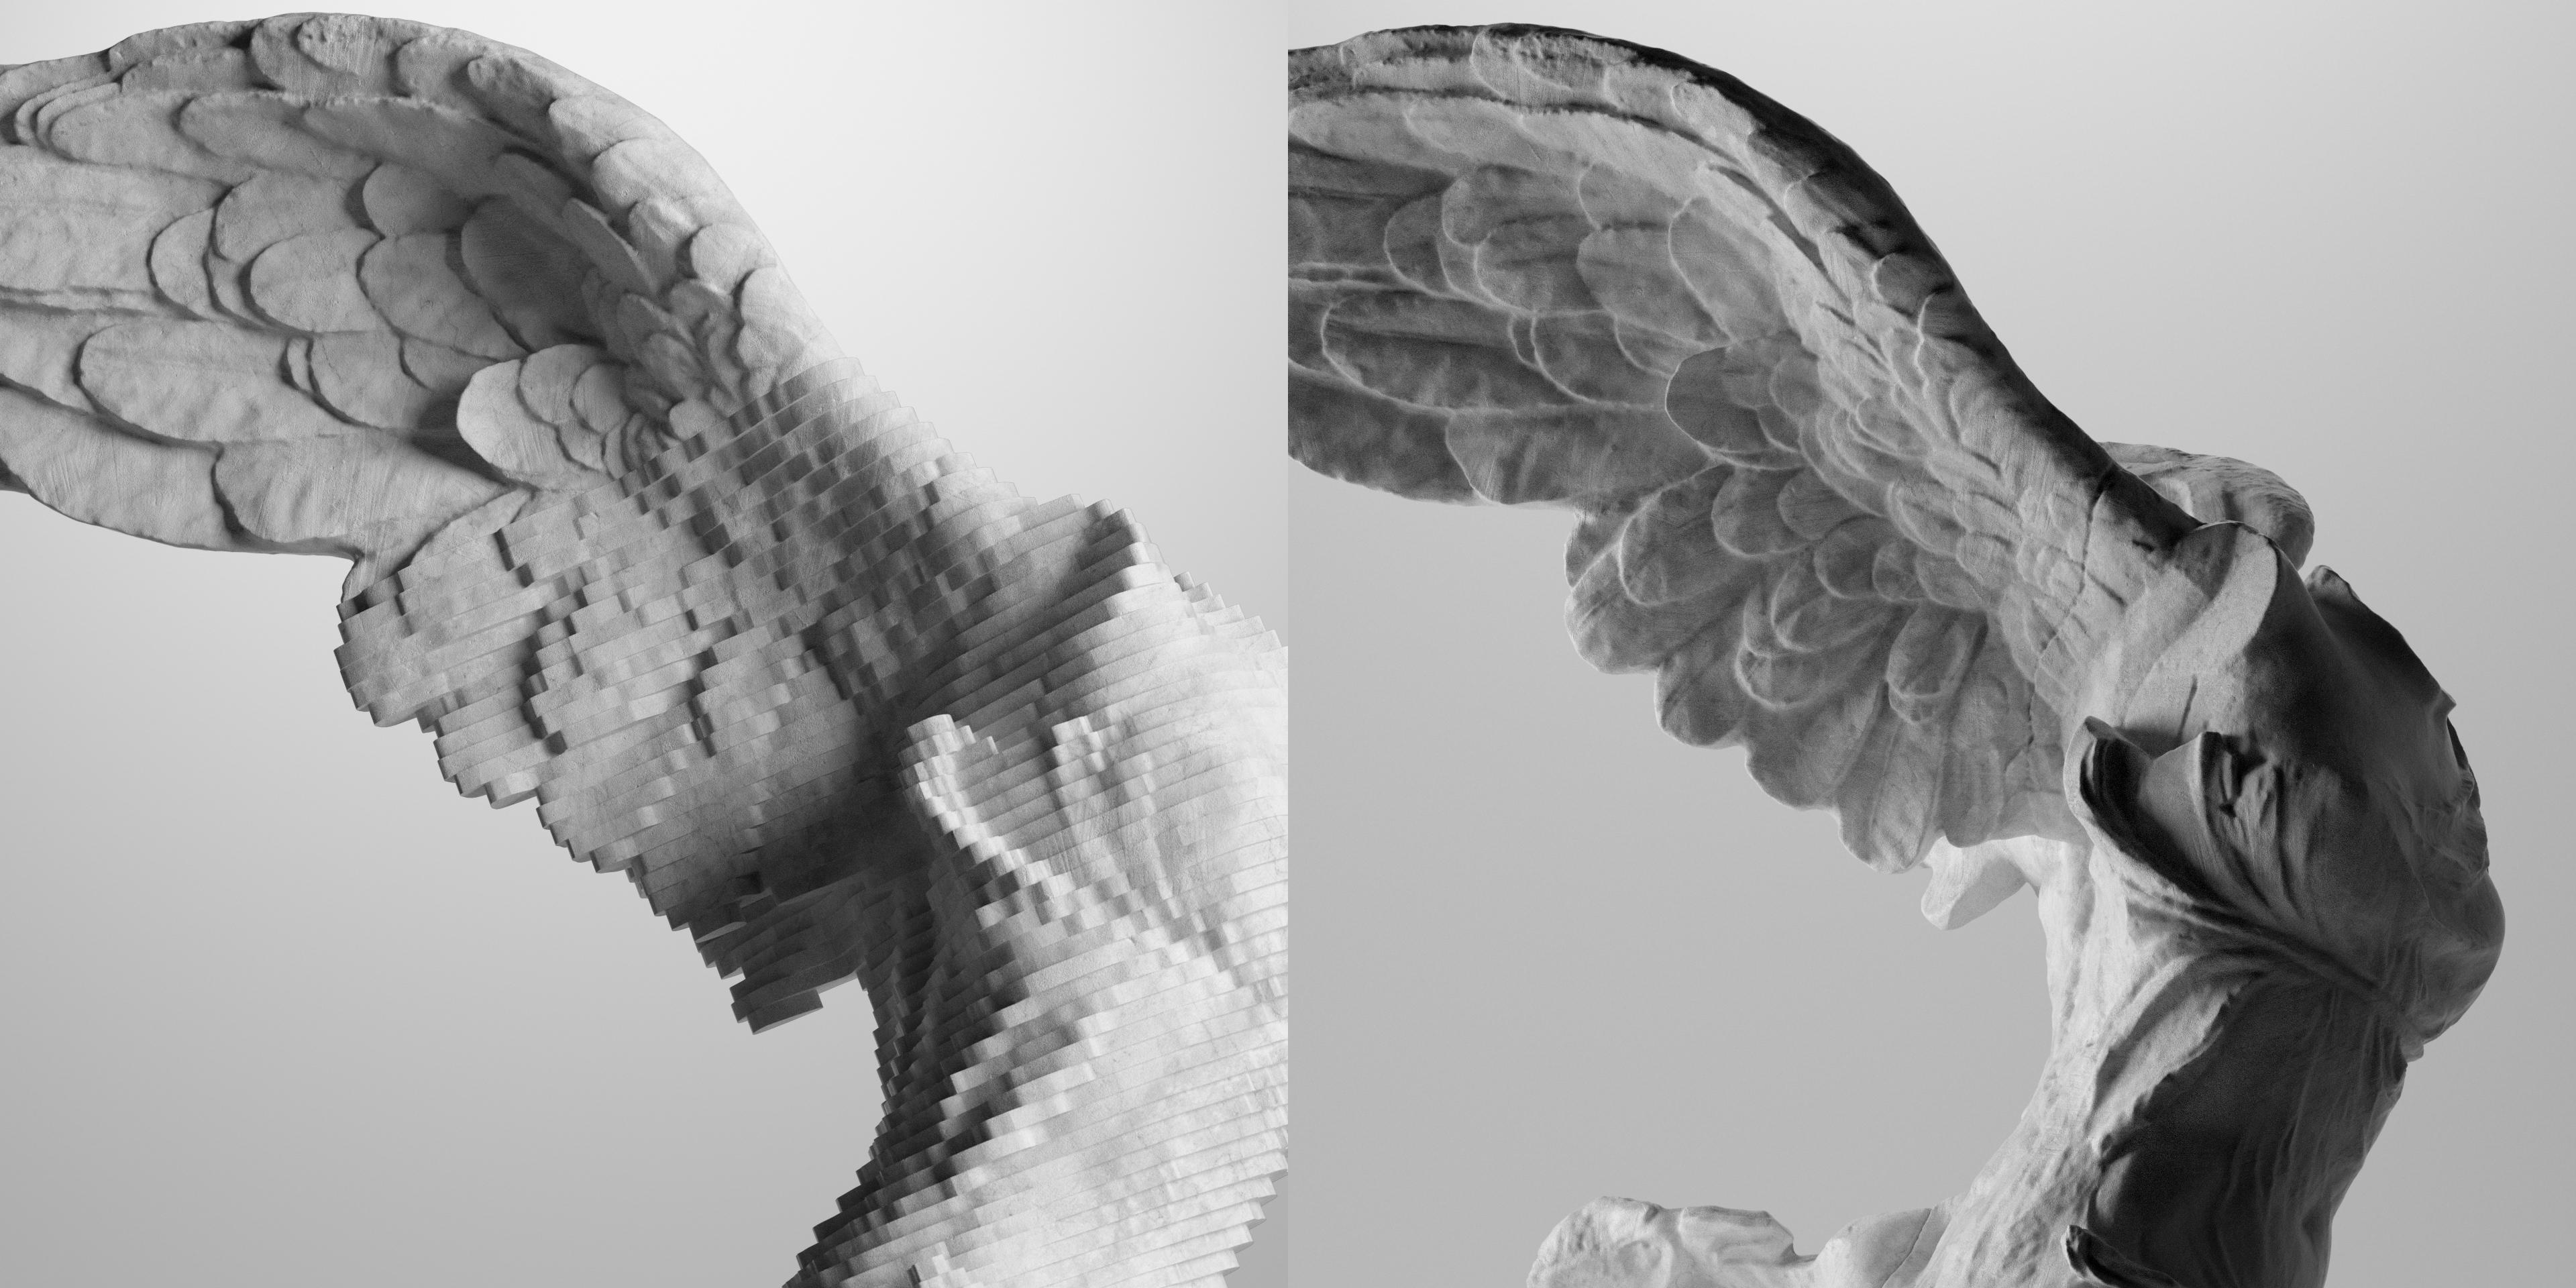 Goddess_Slived_vs_Uncut